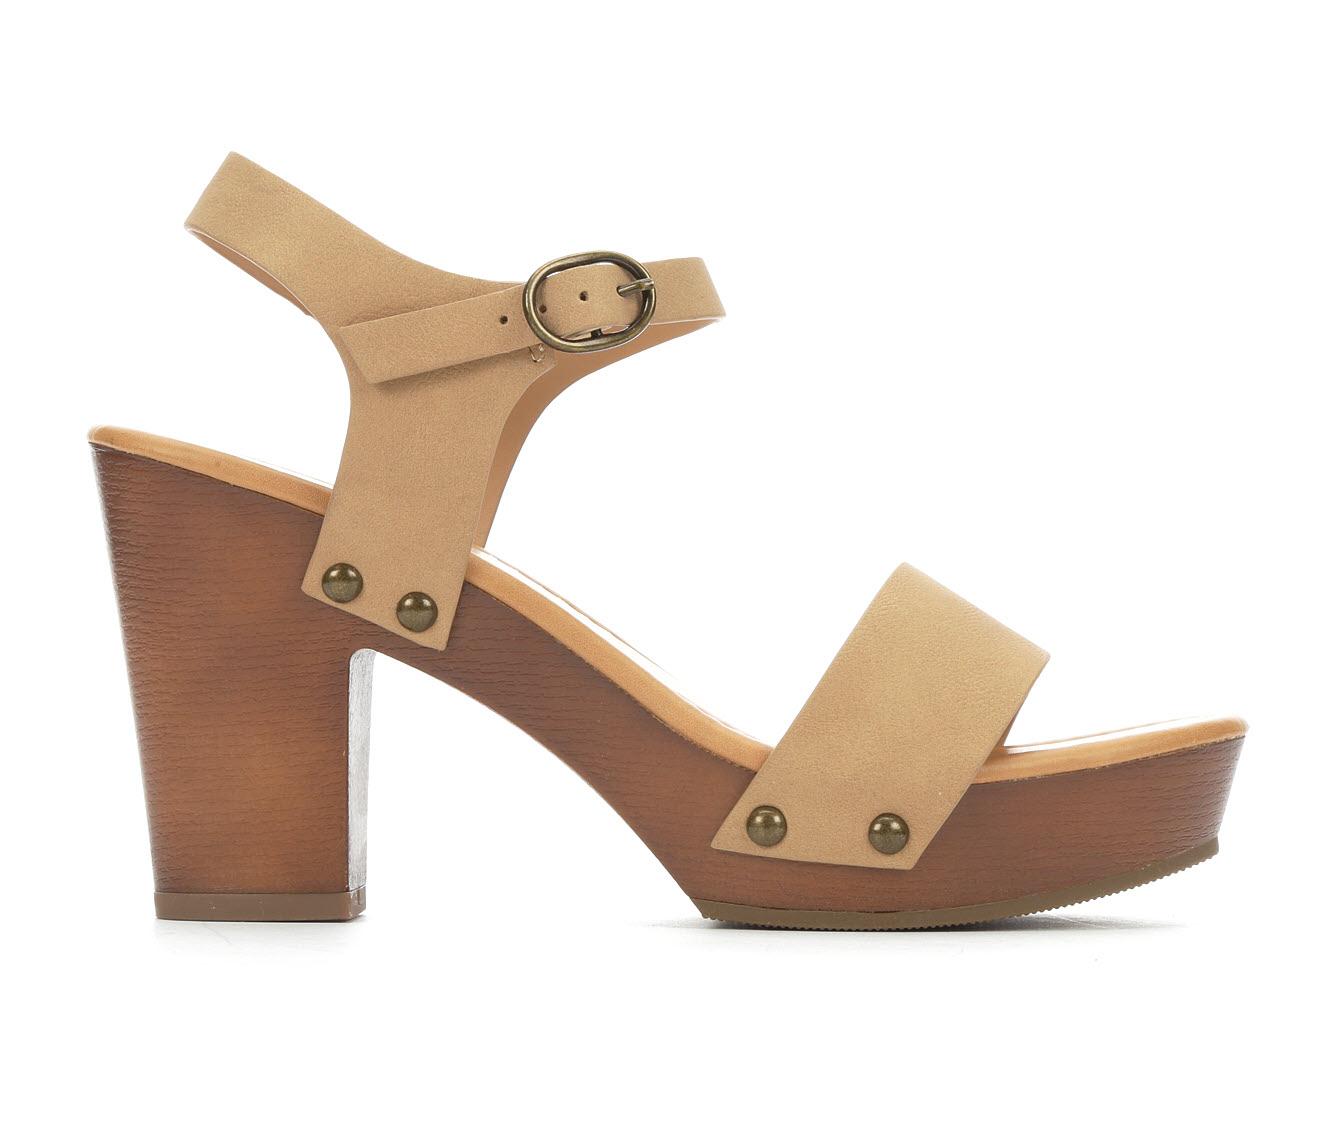 Y-Not Willow Women's Dress Shoe (Beige Faux Leather)